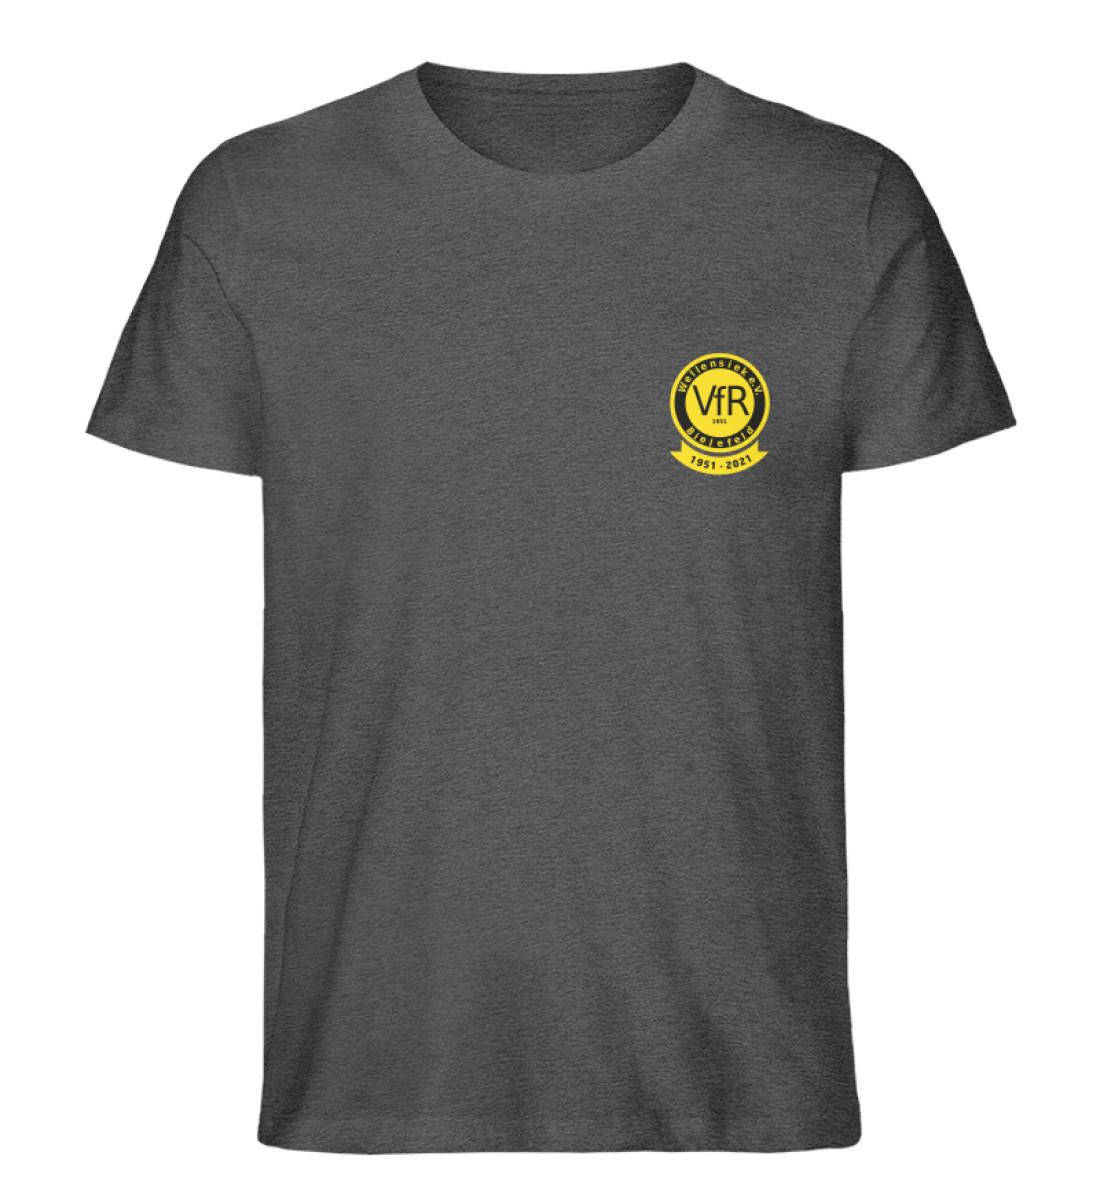 Wellensiek - Herren Premium Organic Shirt-6898